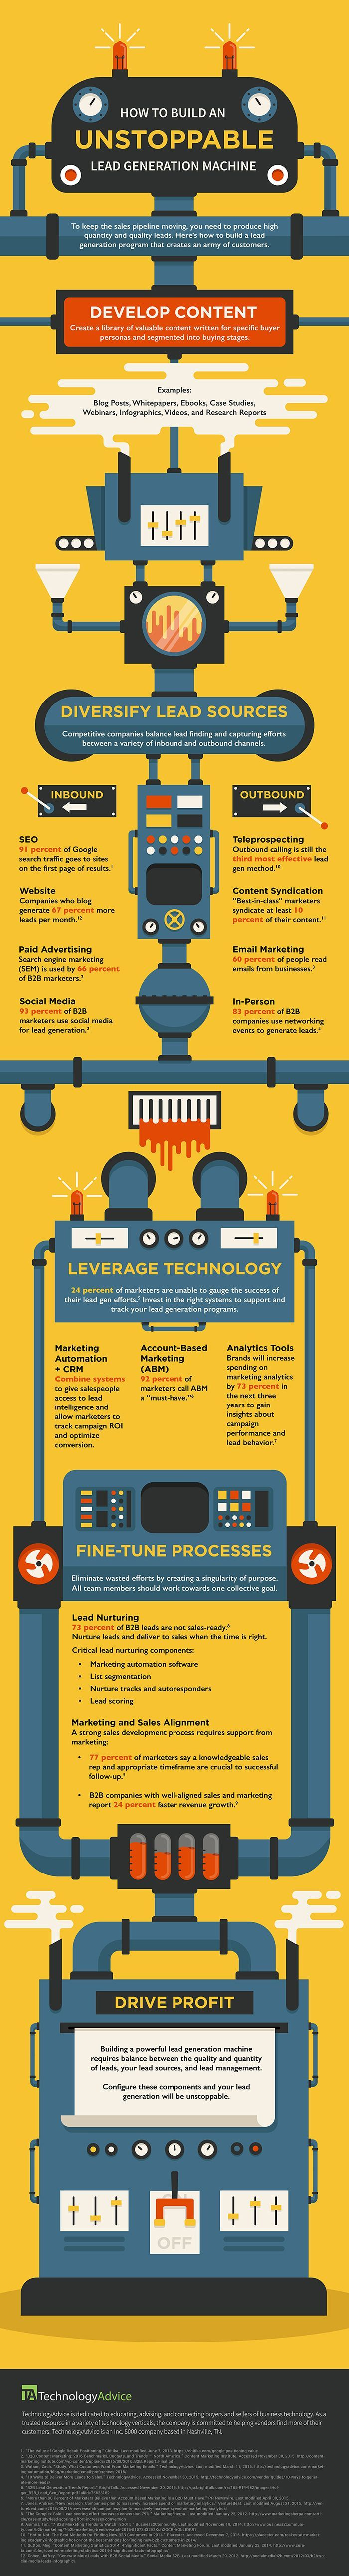 How to Build an Unstoppable Lead Generating #Marketing Strategy #Infographic Leia os nossos artigos sobre Marketing Digital no Blog Estratégia Digital em http://www.estrategiadigital.pt/category/marketing-digital/